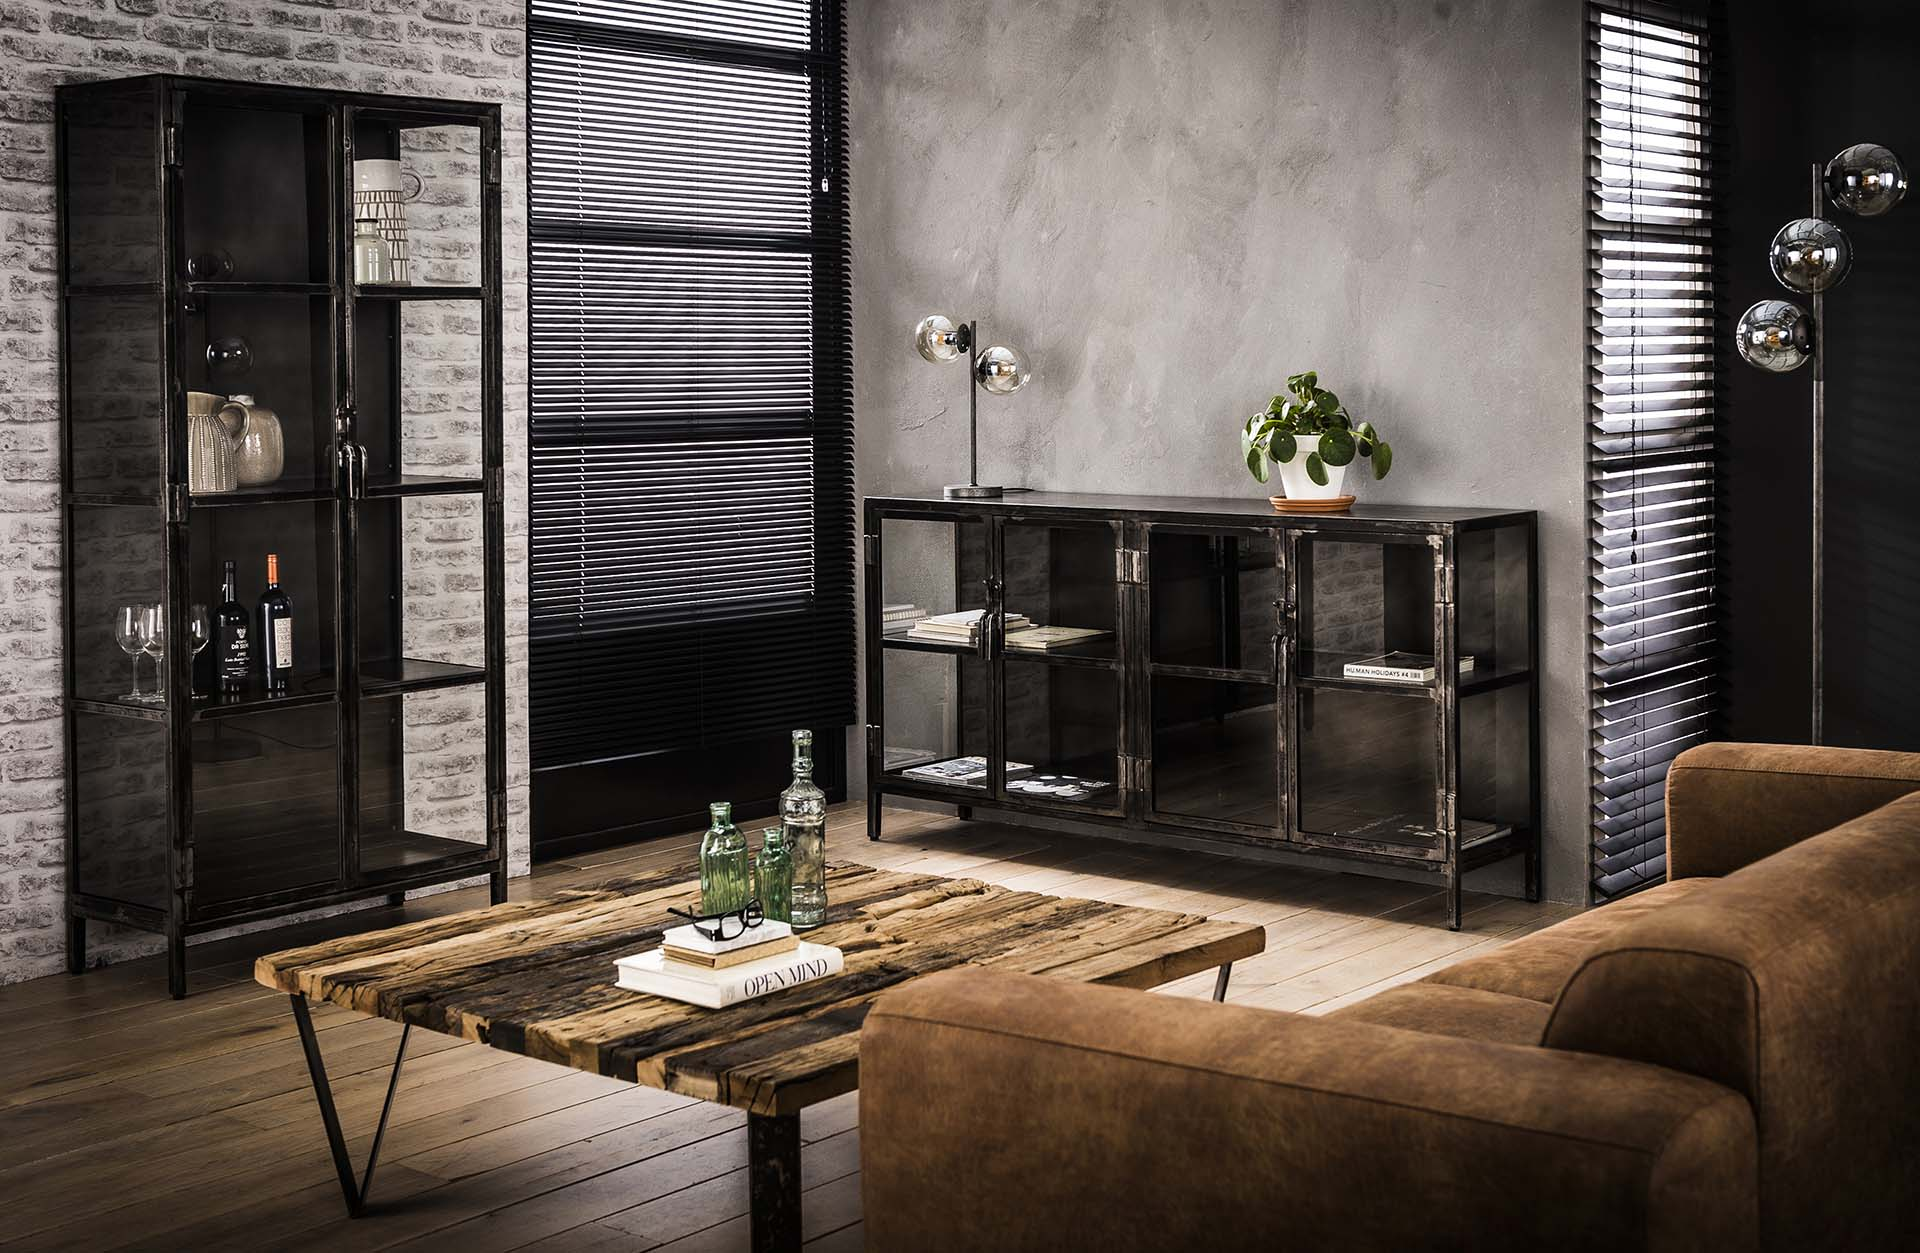 Hervorragend Wohnen wie im Loft: Einrichtung im Industrial Style | Design Wohnideen AR72